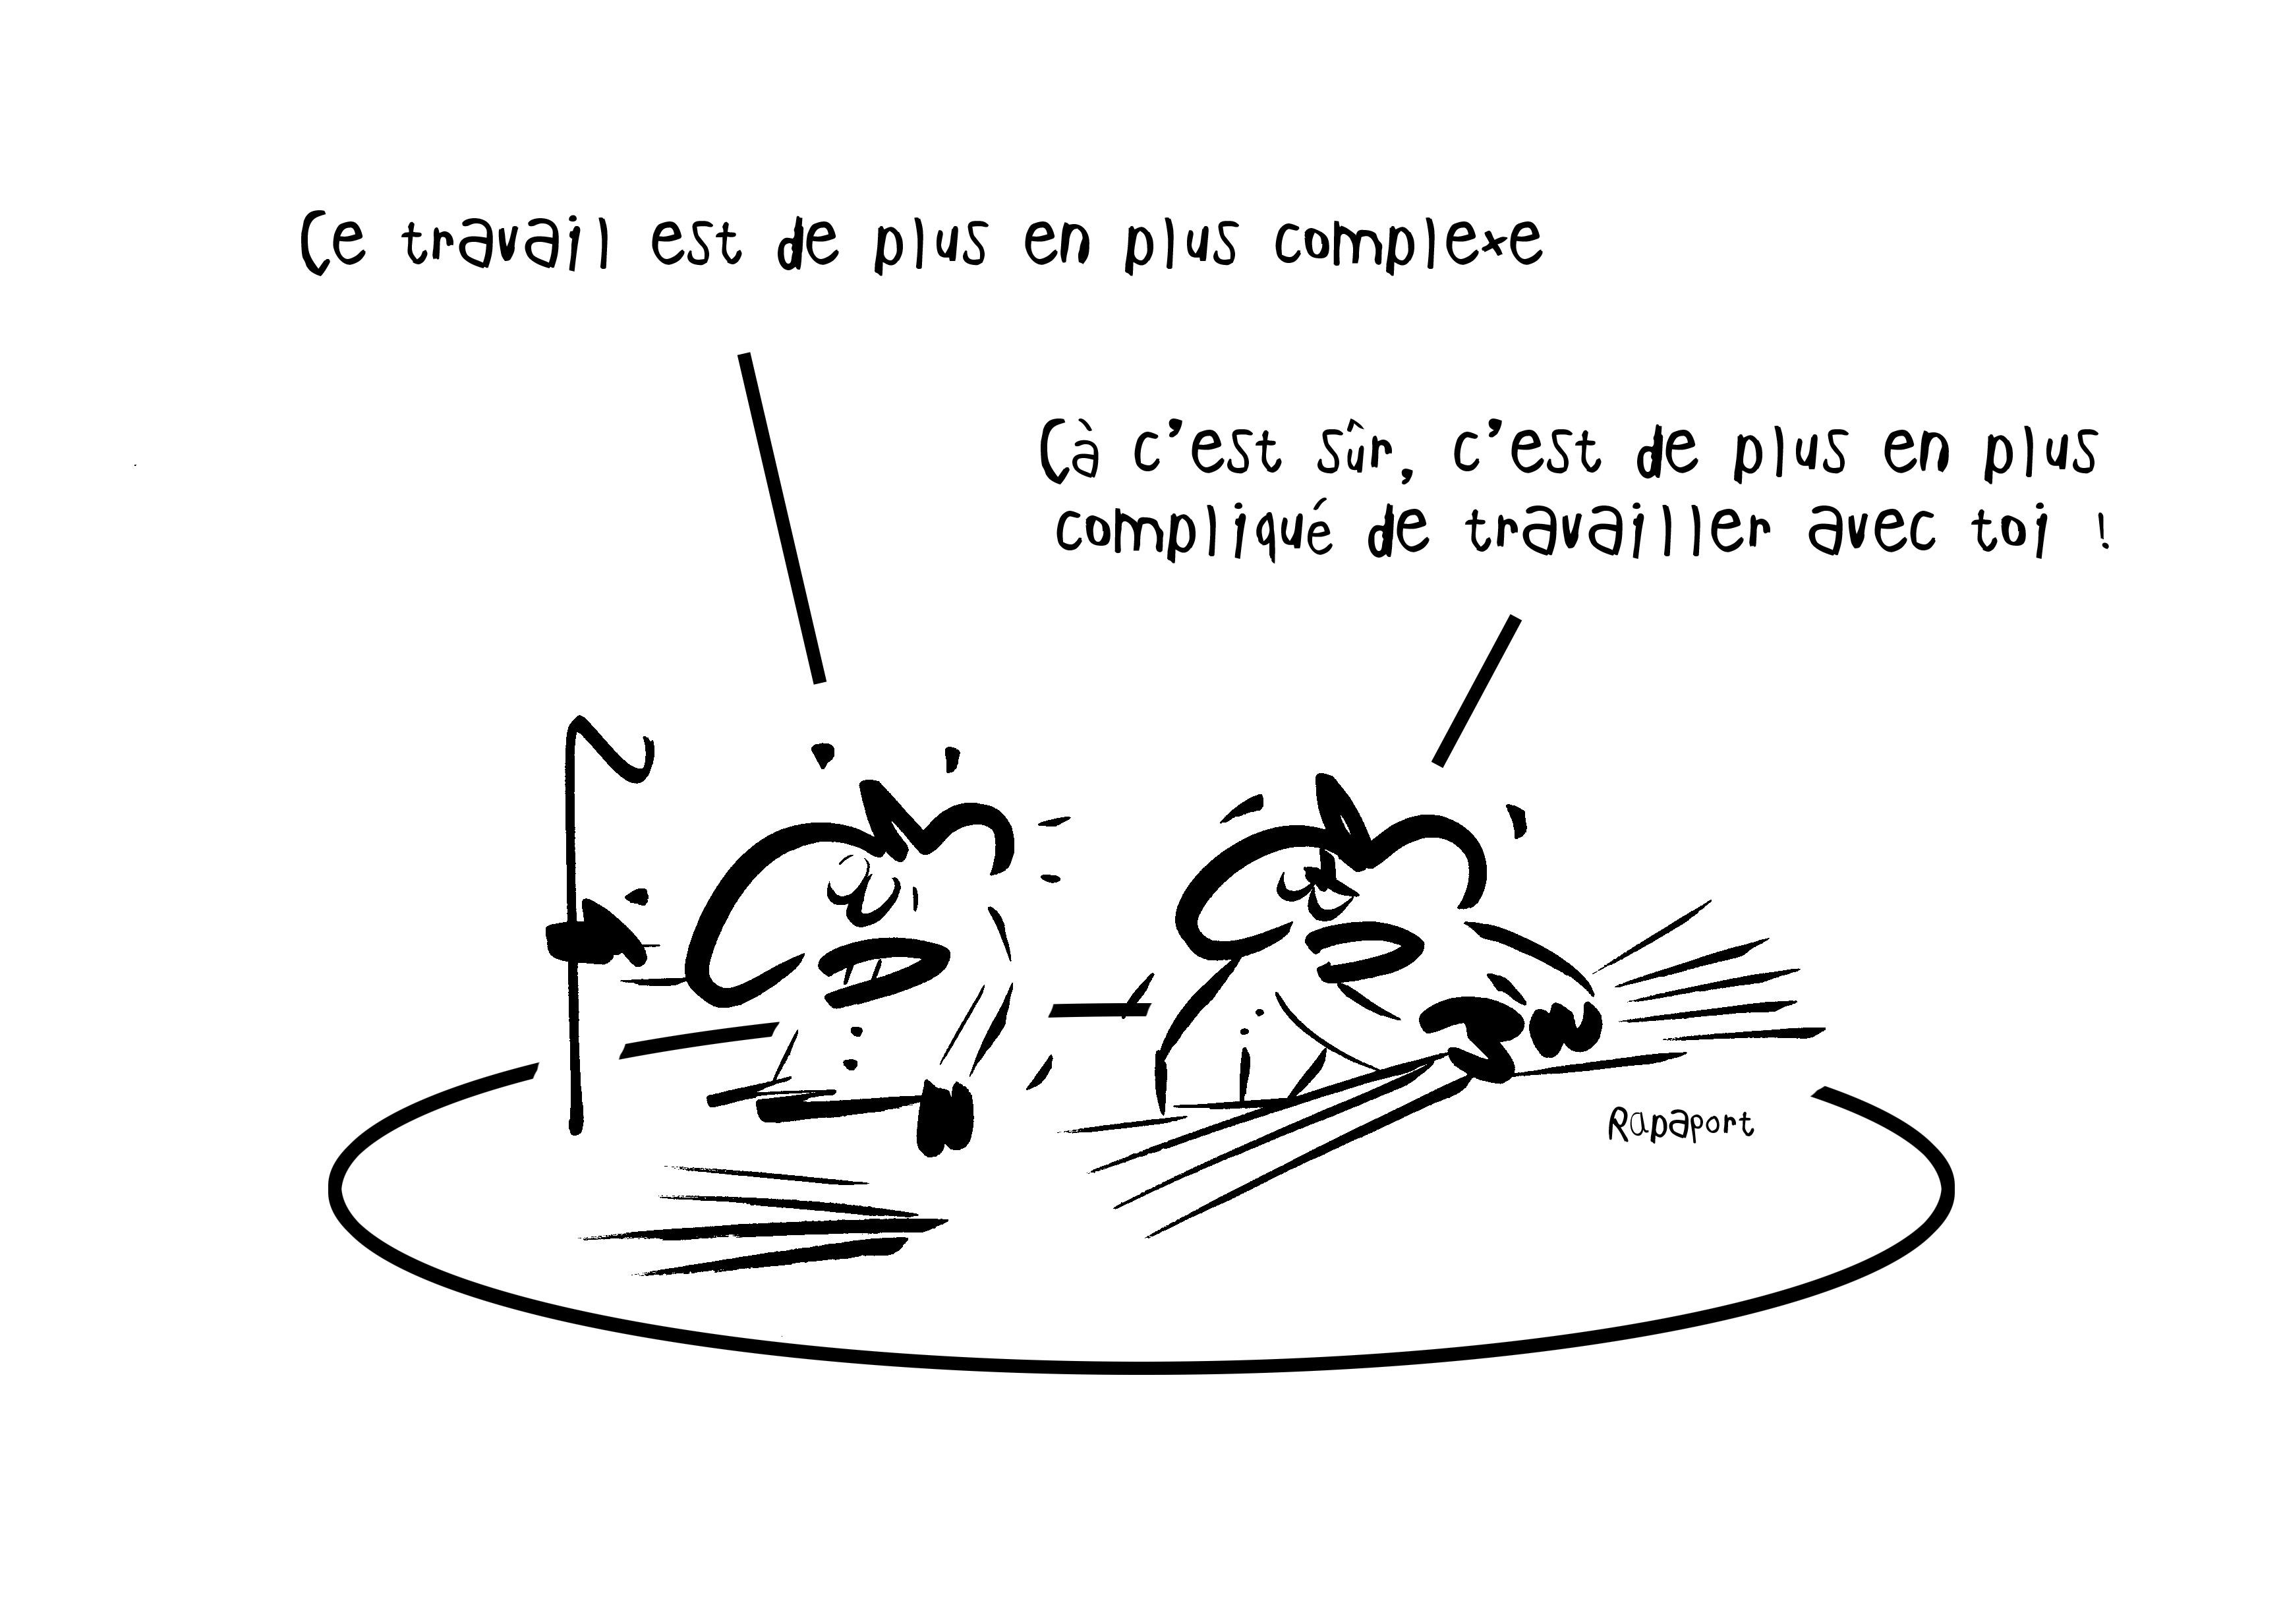 RAPAPORT DESSINS:BAROMÈTRE ENTREPRISE65